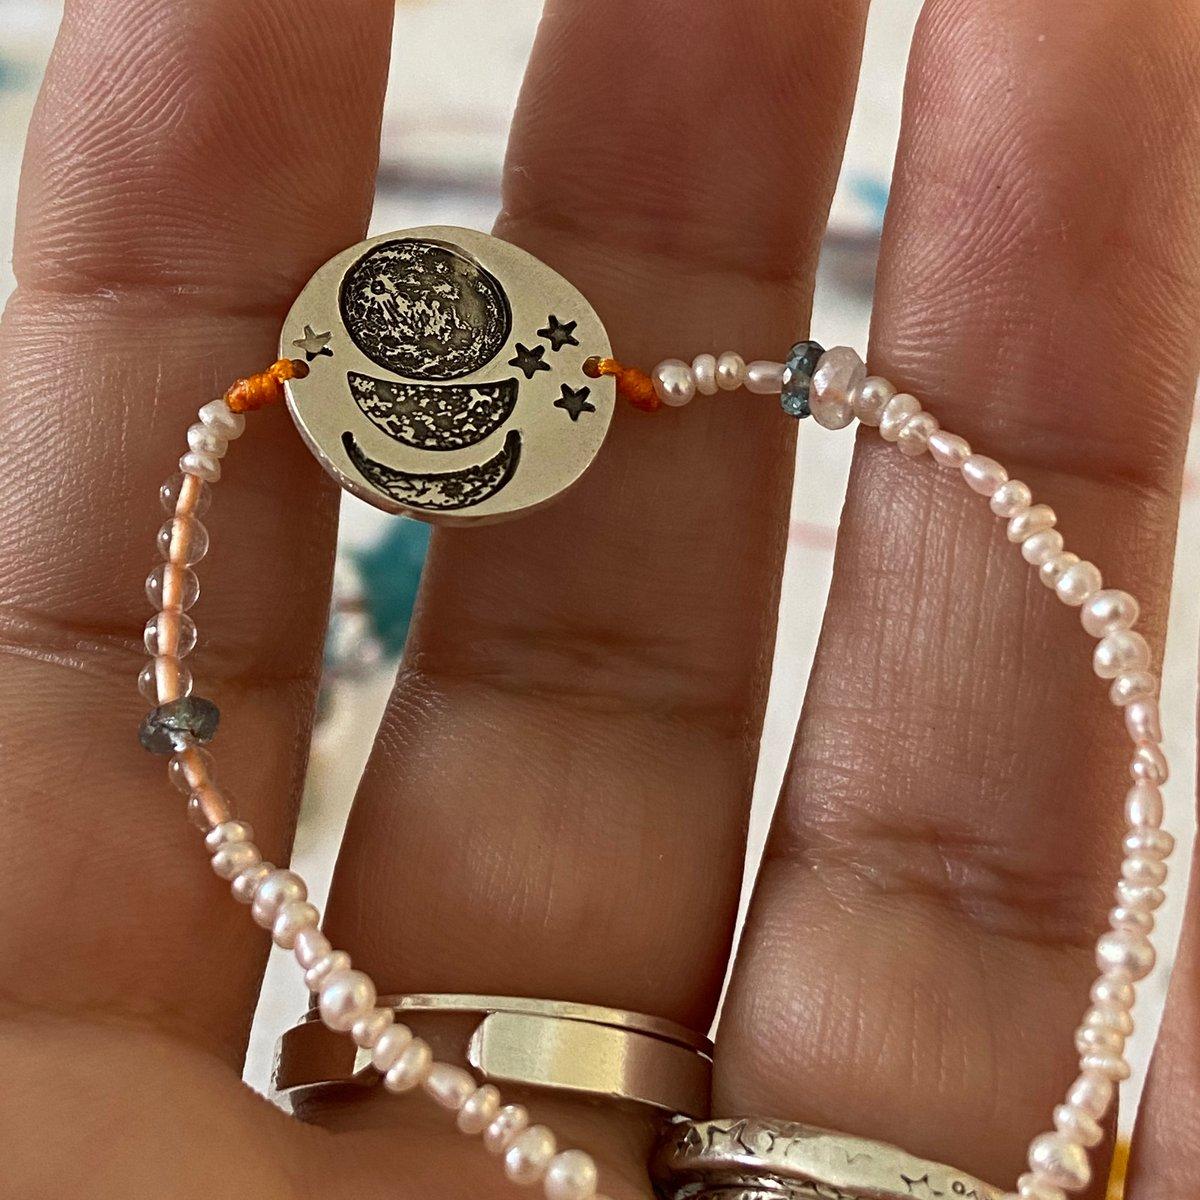 Image of Moon phase bracelet